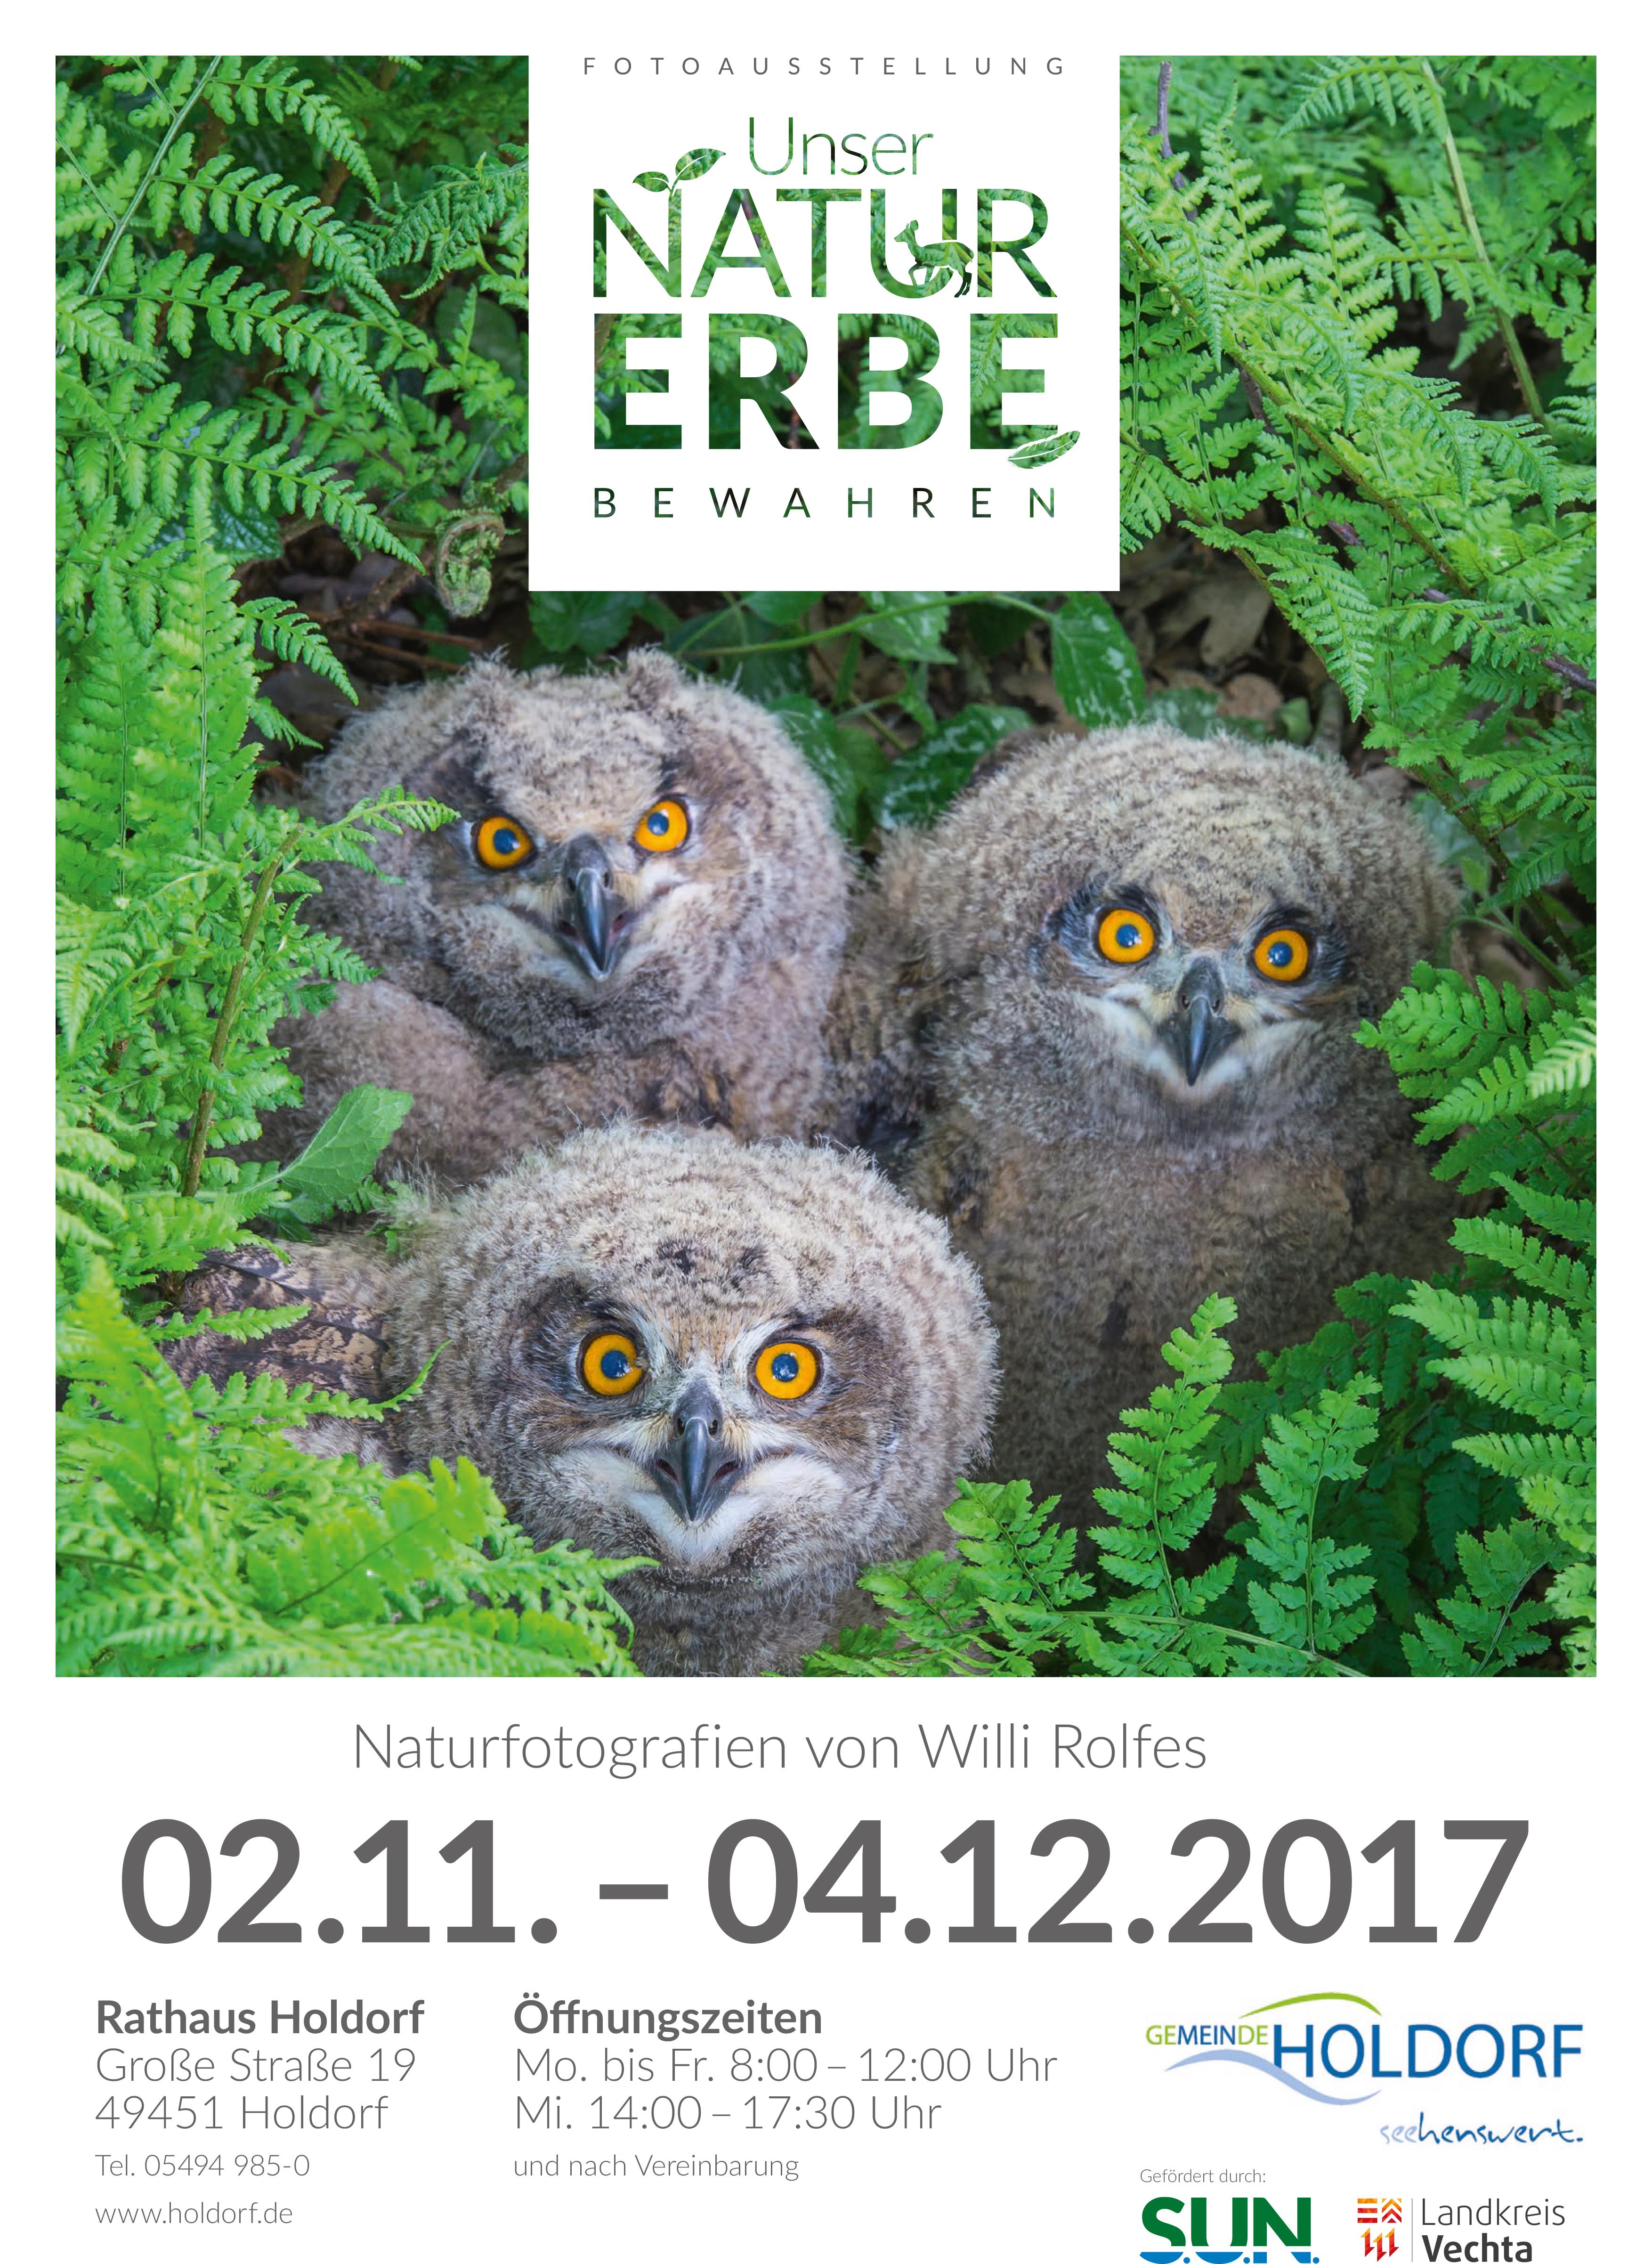 Fotoausstellung im Holdorfer Rathaus